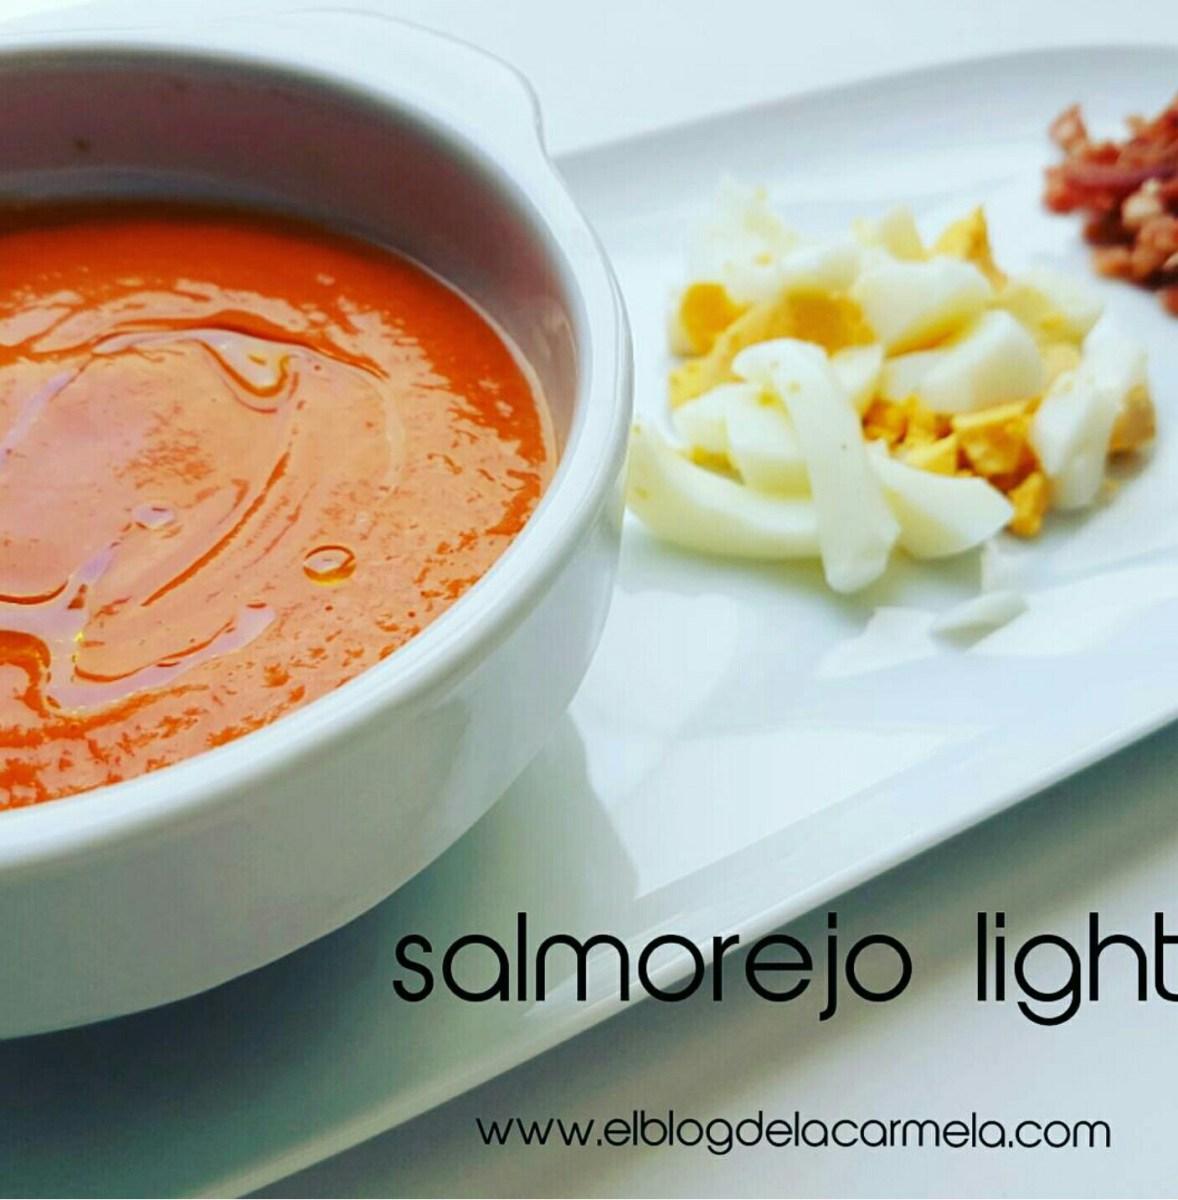 Salmorejo light!!😂